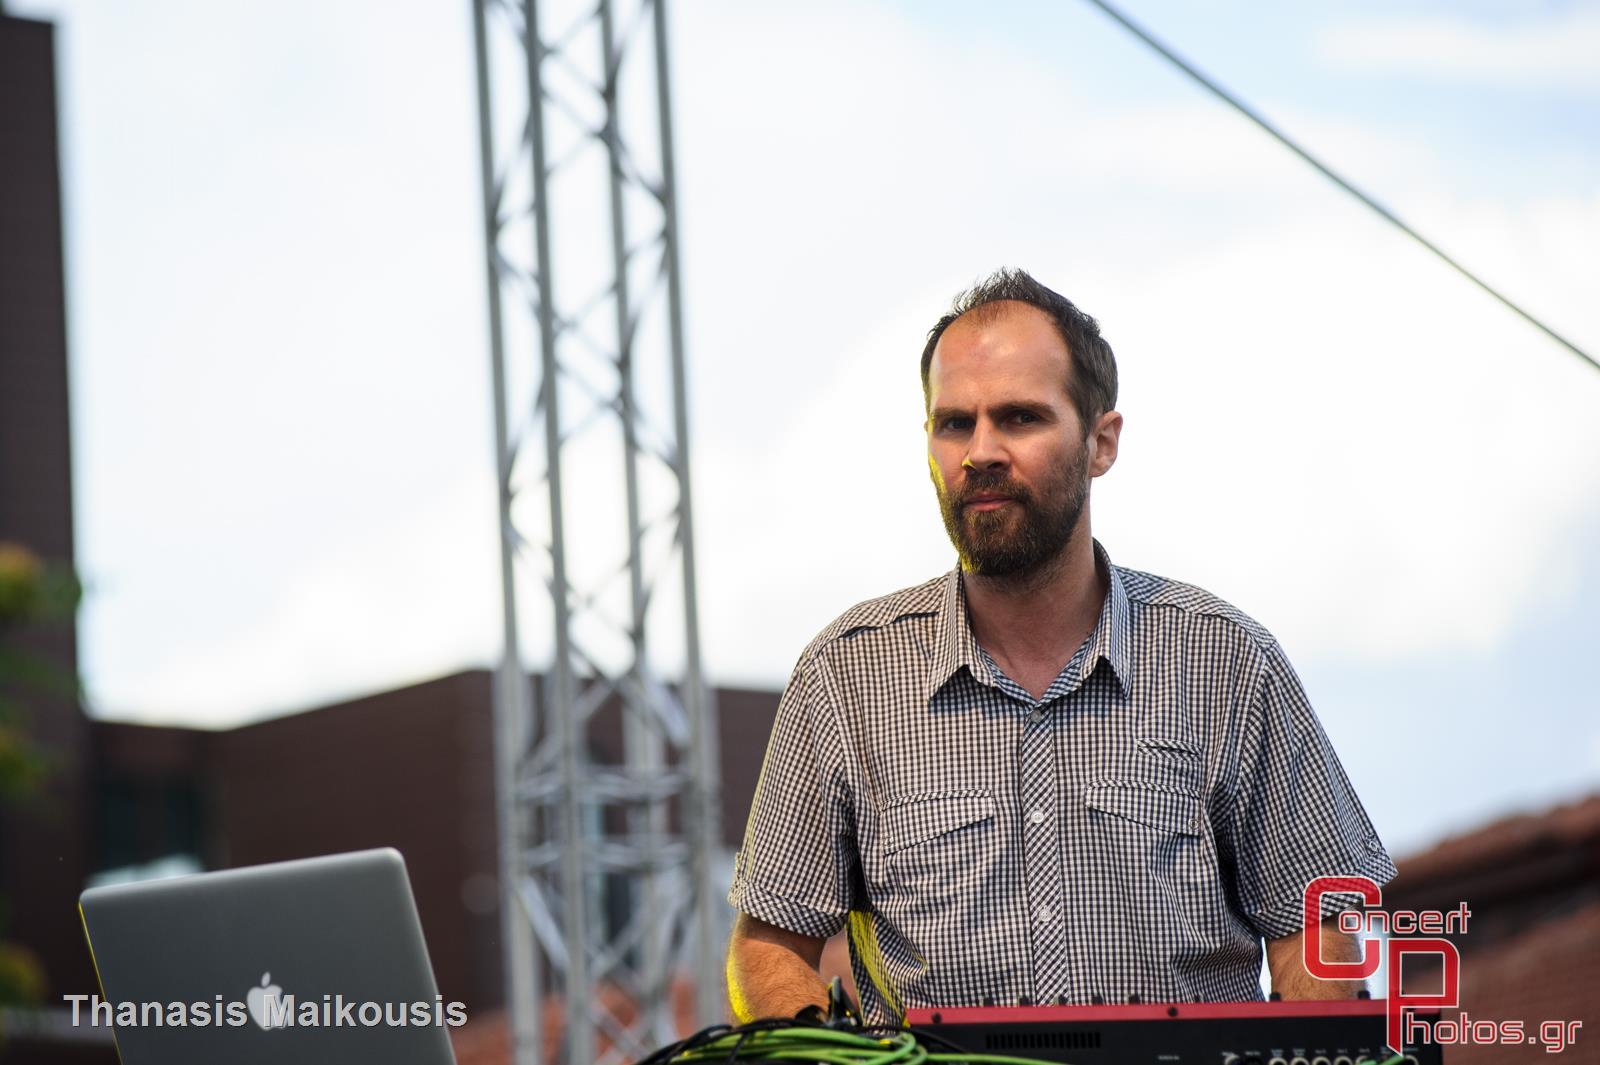 En Lefko 2014-En Lefko 2014 photographer: Thanasis Maikousis - concertphotos_20140620_19_08_51